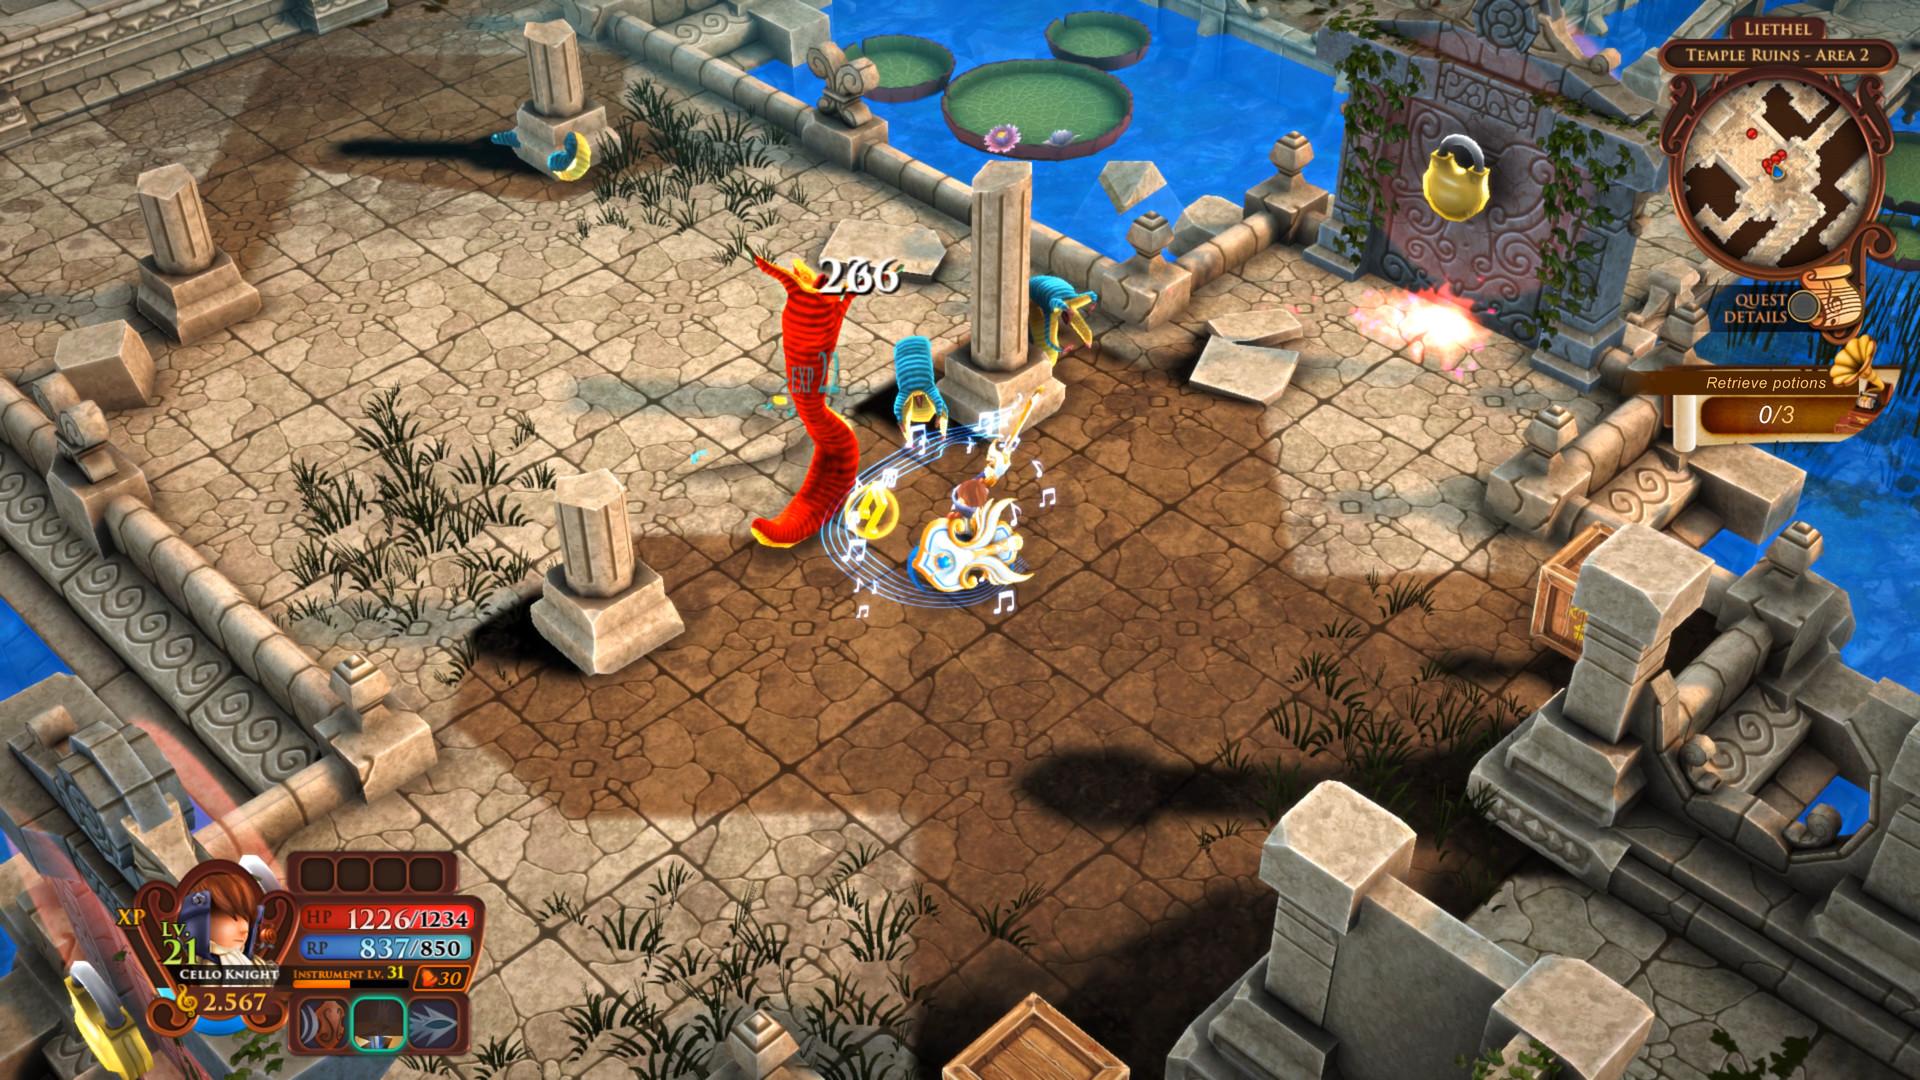 AereA Screenshot 1